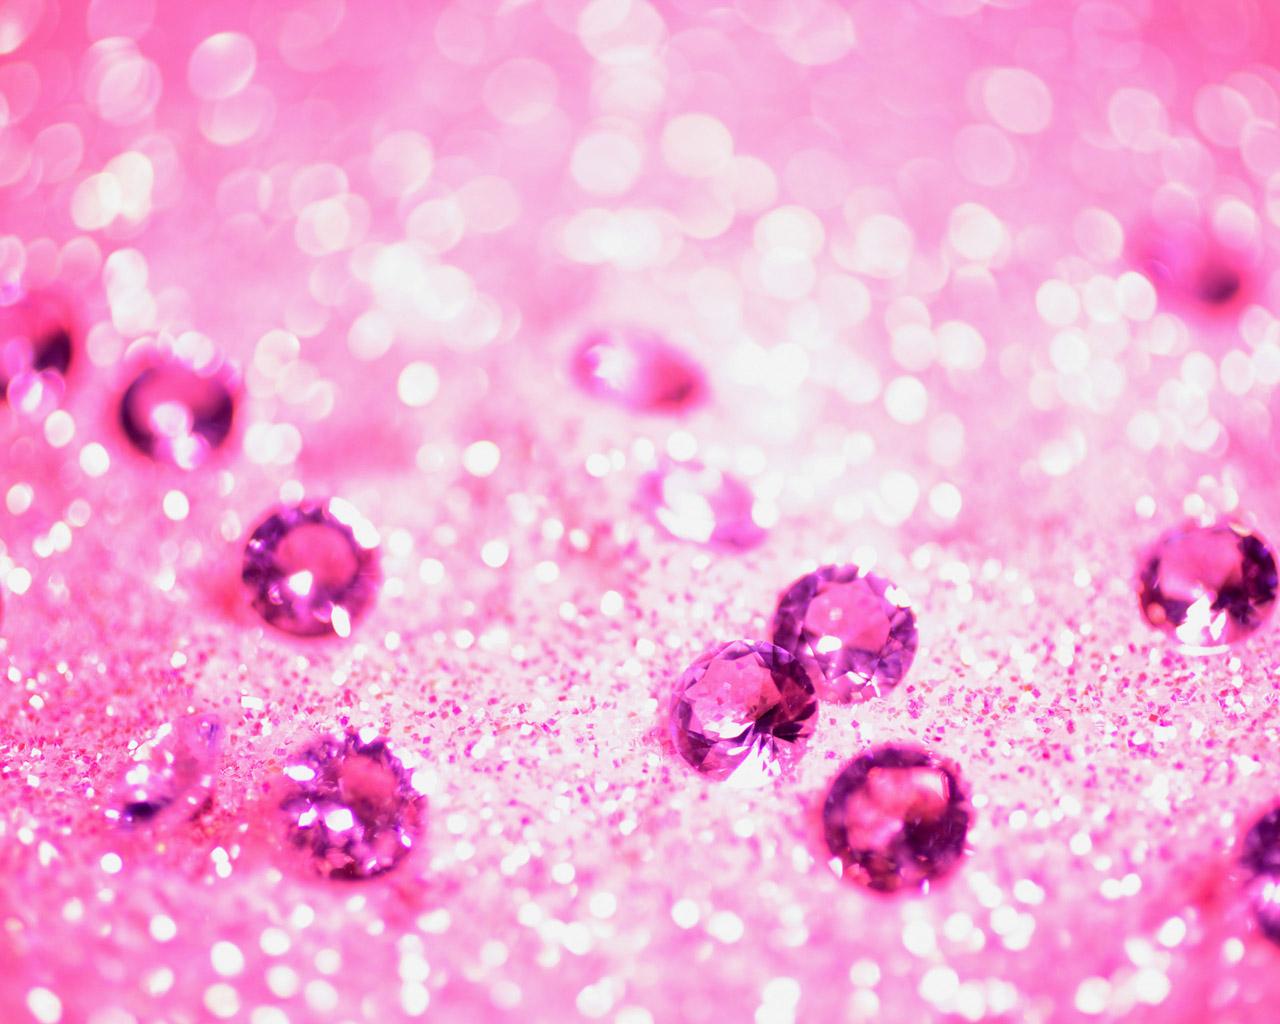 Pink Diamond Desktop Wallpaper Pink Wallpaper Backgrounds 1280x1024